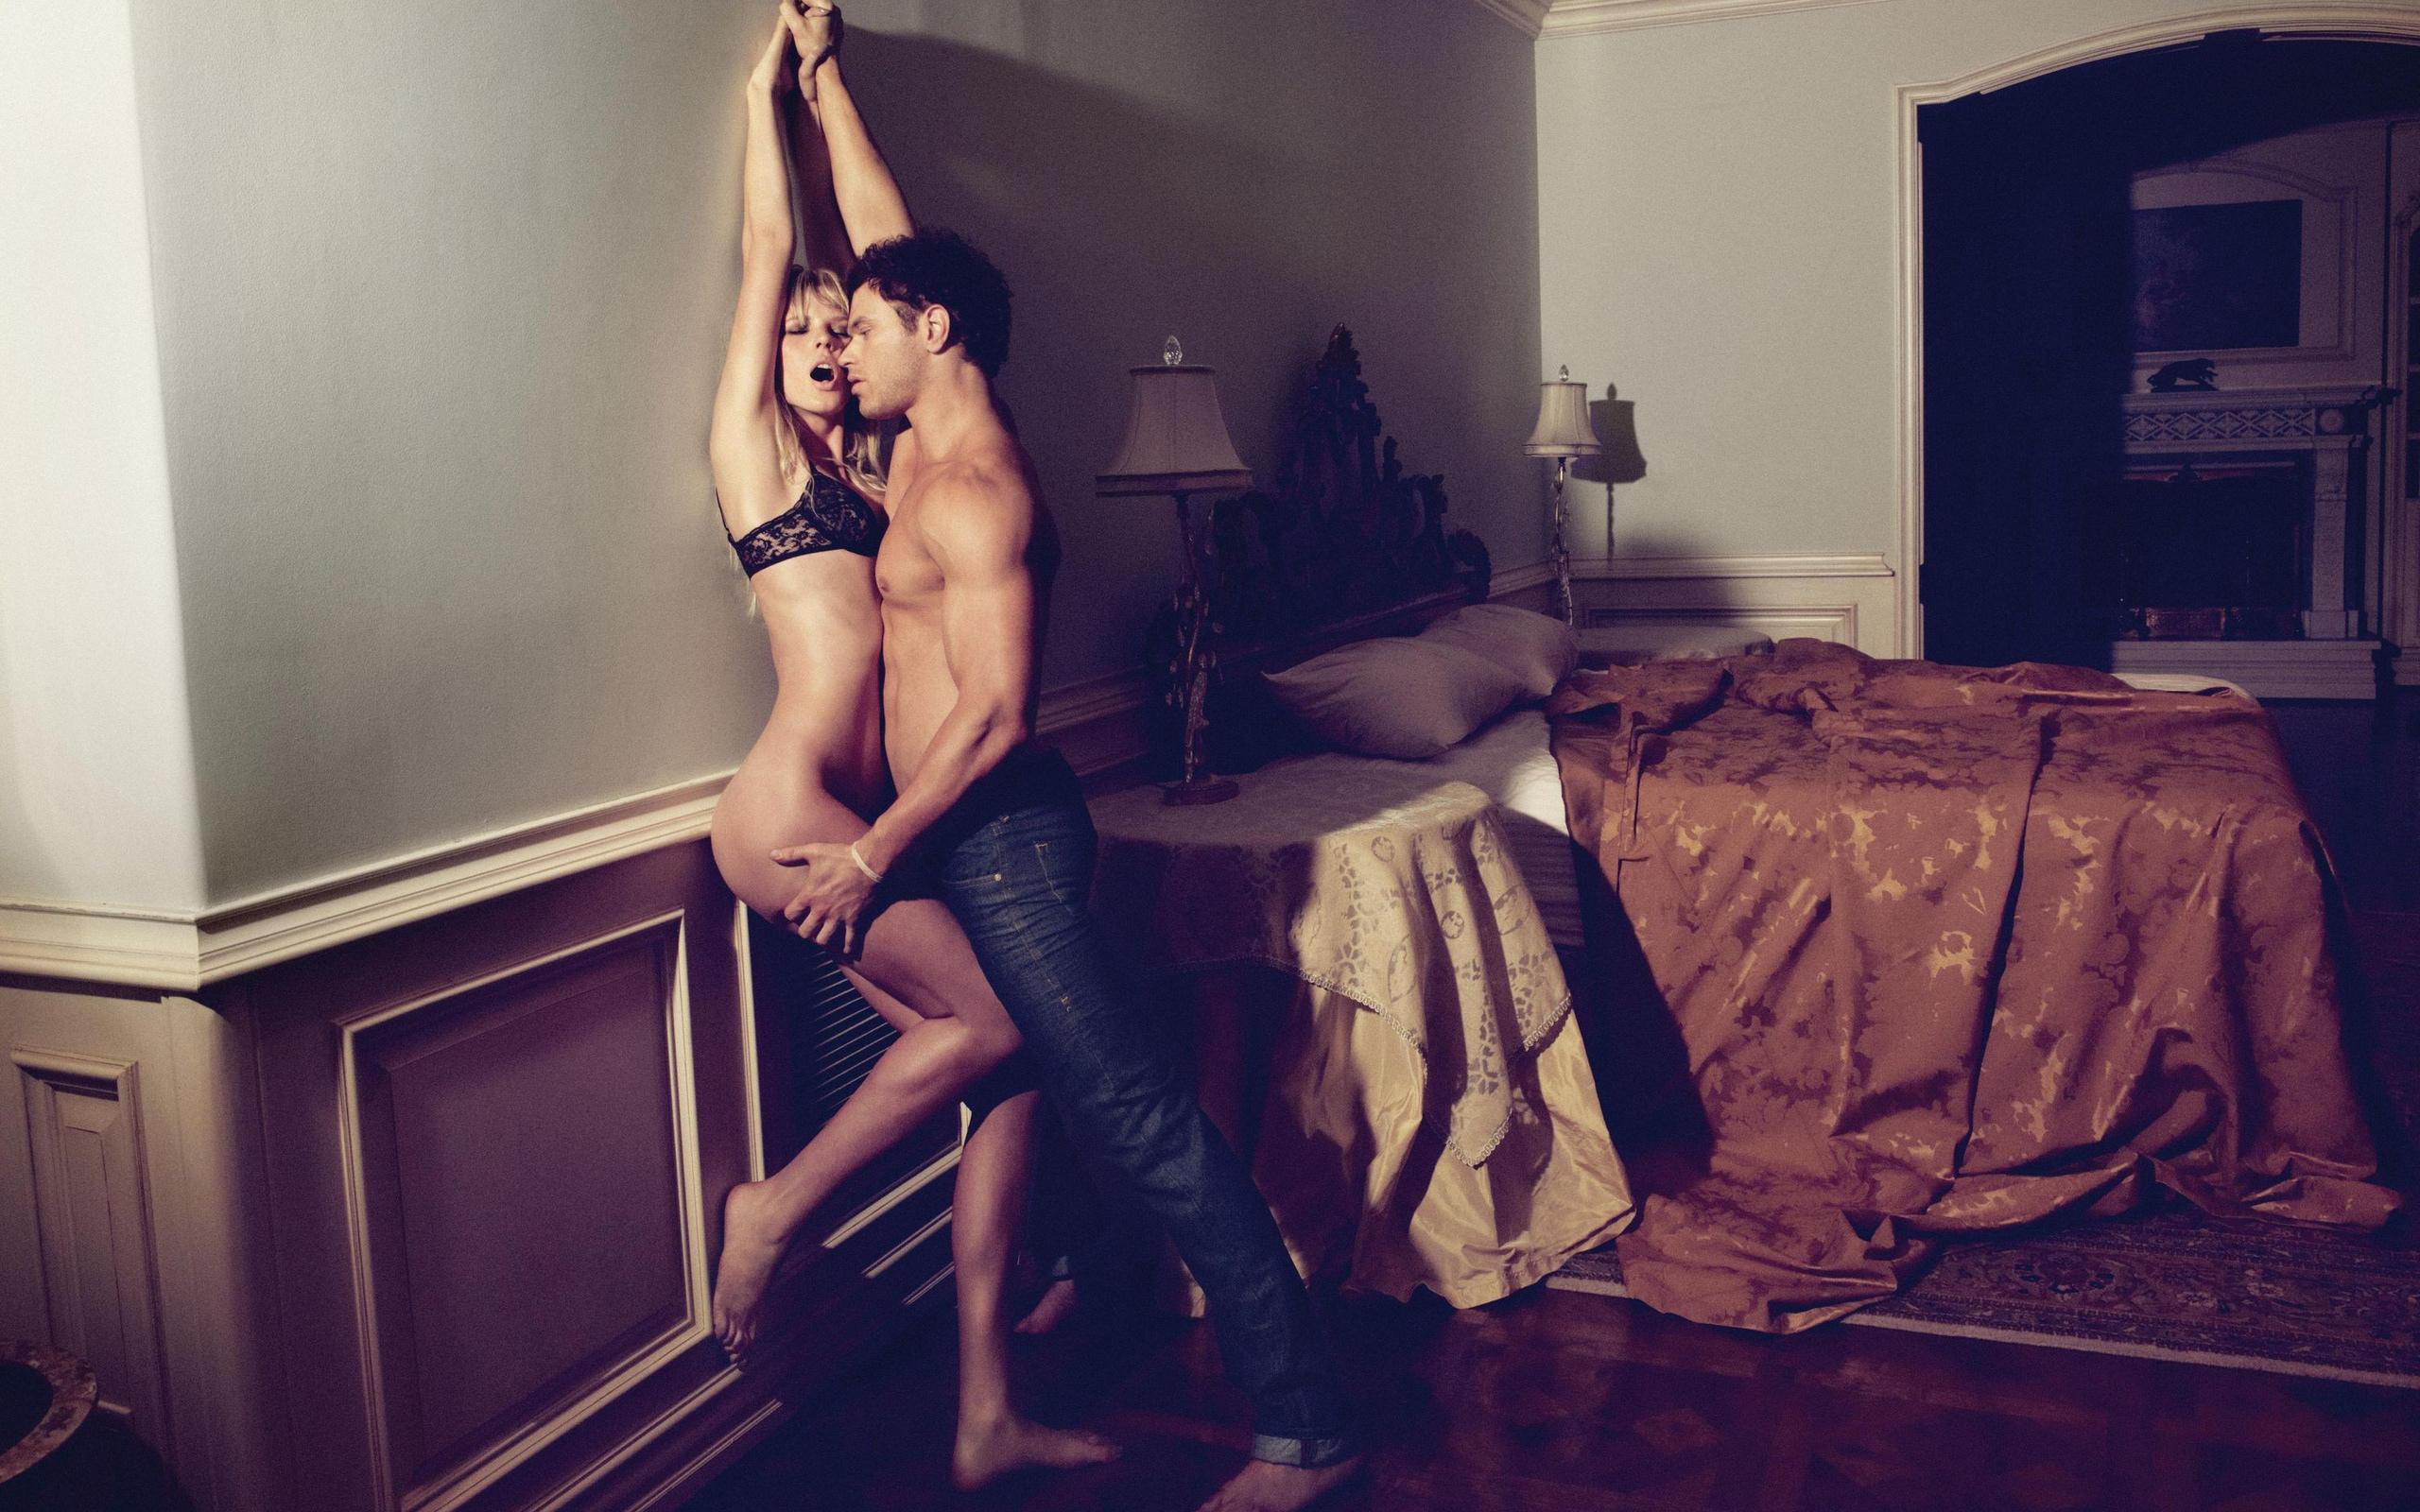 Фото как парень трахает девку в баре пять